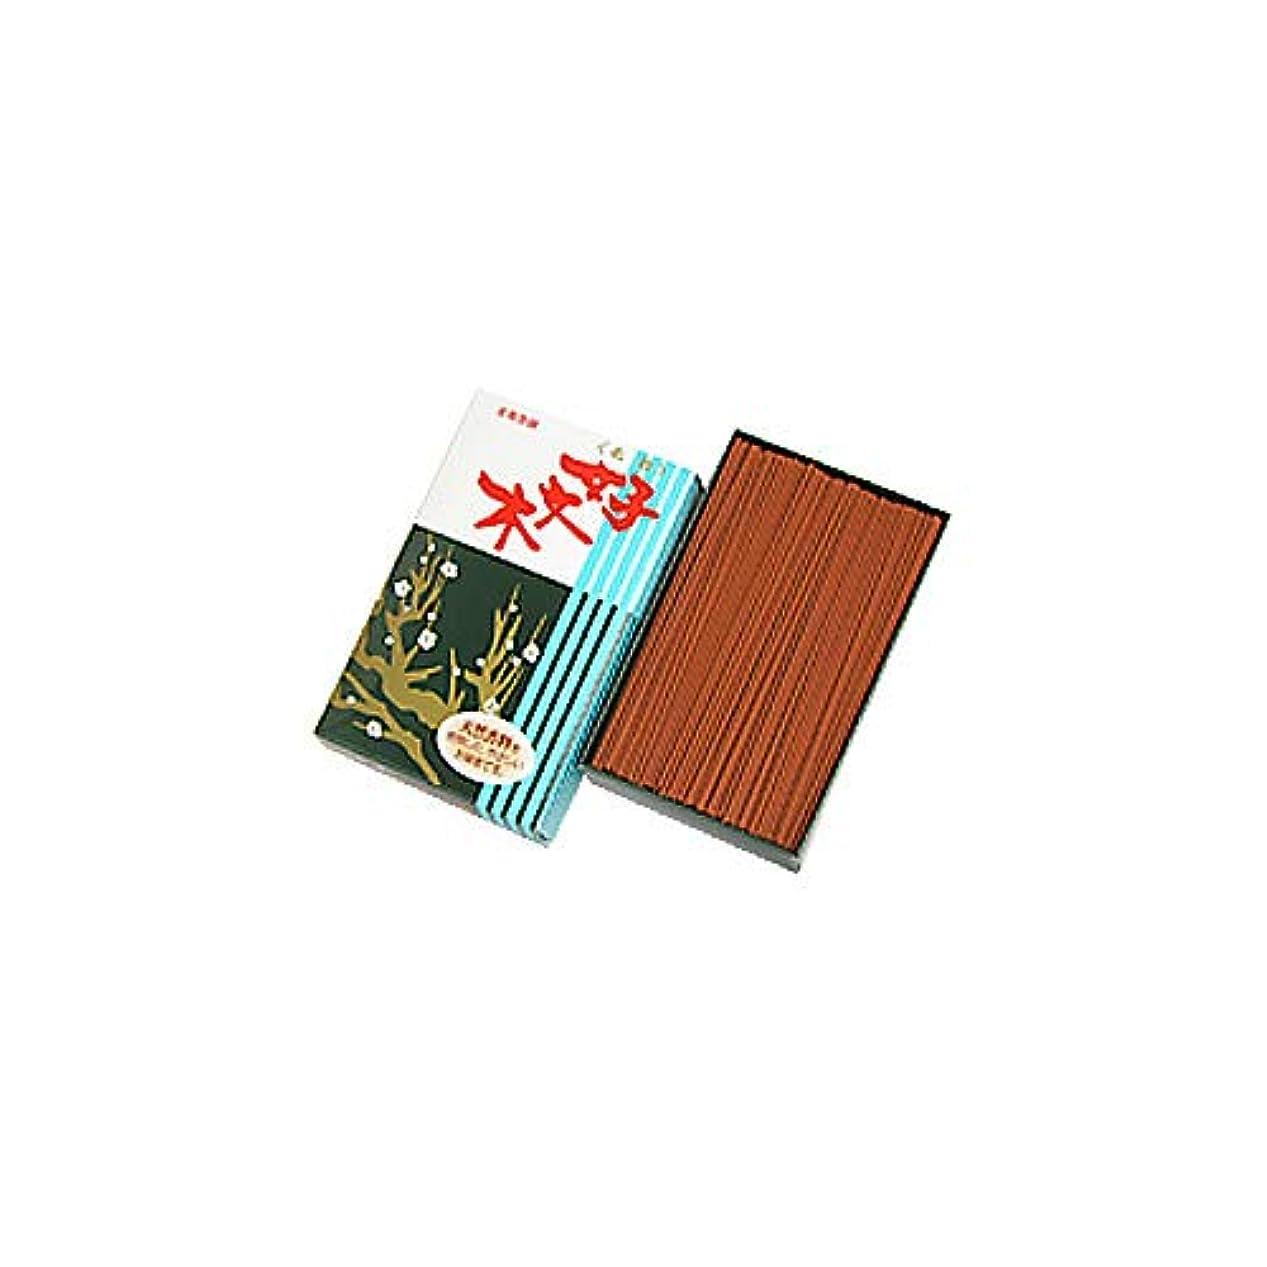 超音速部分先祖家庭用線香 好文木 お徳用大型バラ詰(箱寸法15×9.5×4cm)◆さわやかな白檀の香りのお線香(梅栄堂)